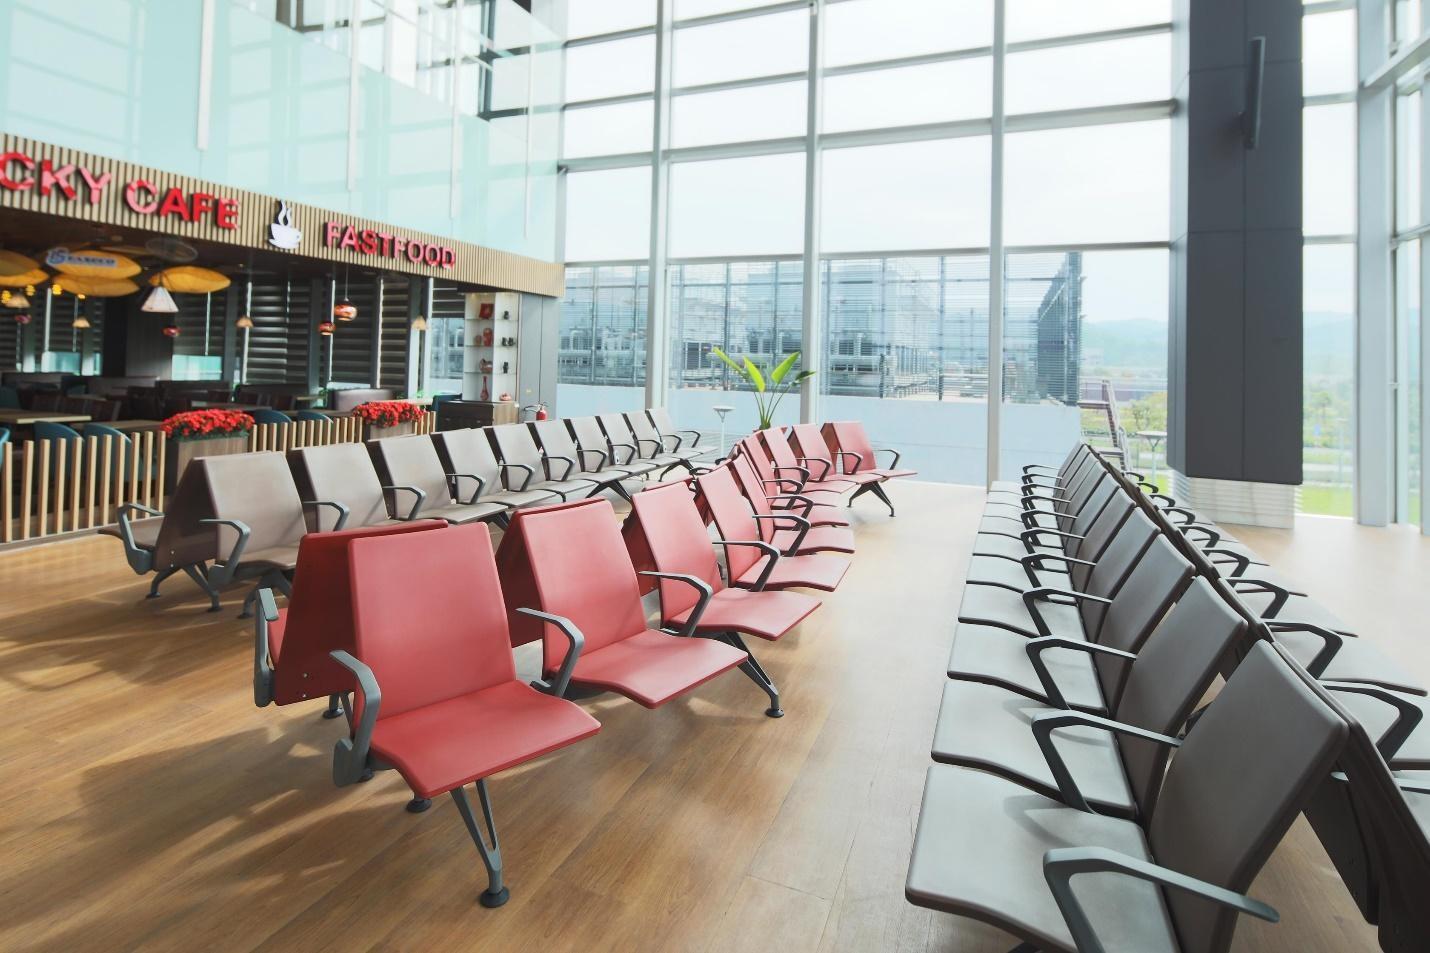 Hệ thống công nghệ tại sân bay hiện đại nhất Việt Nam có gì? - Ảnh 4